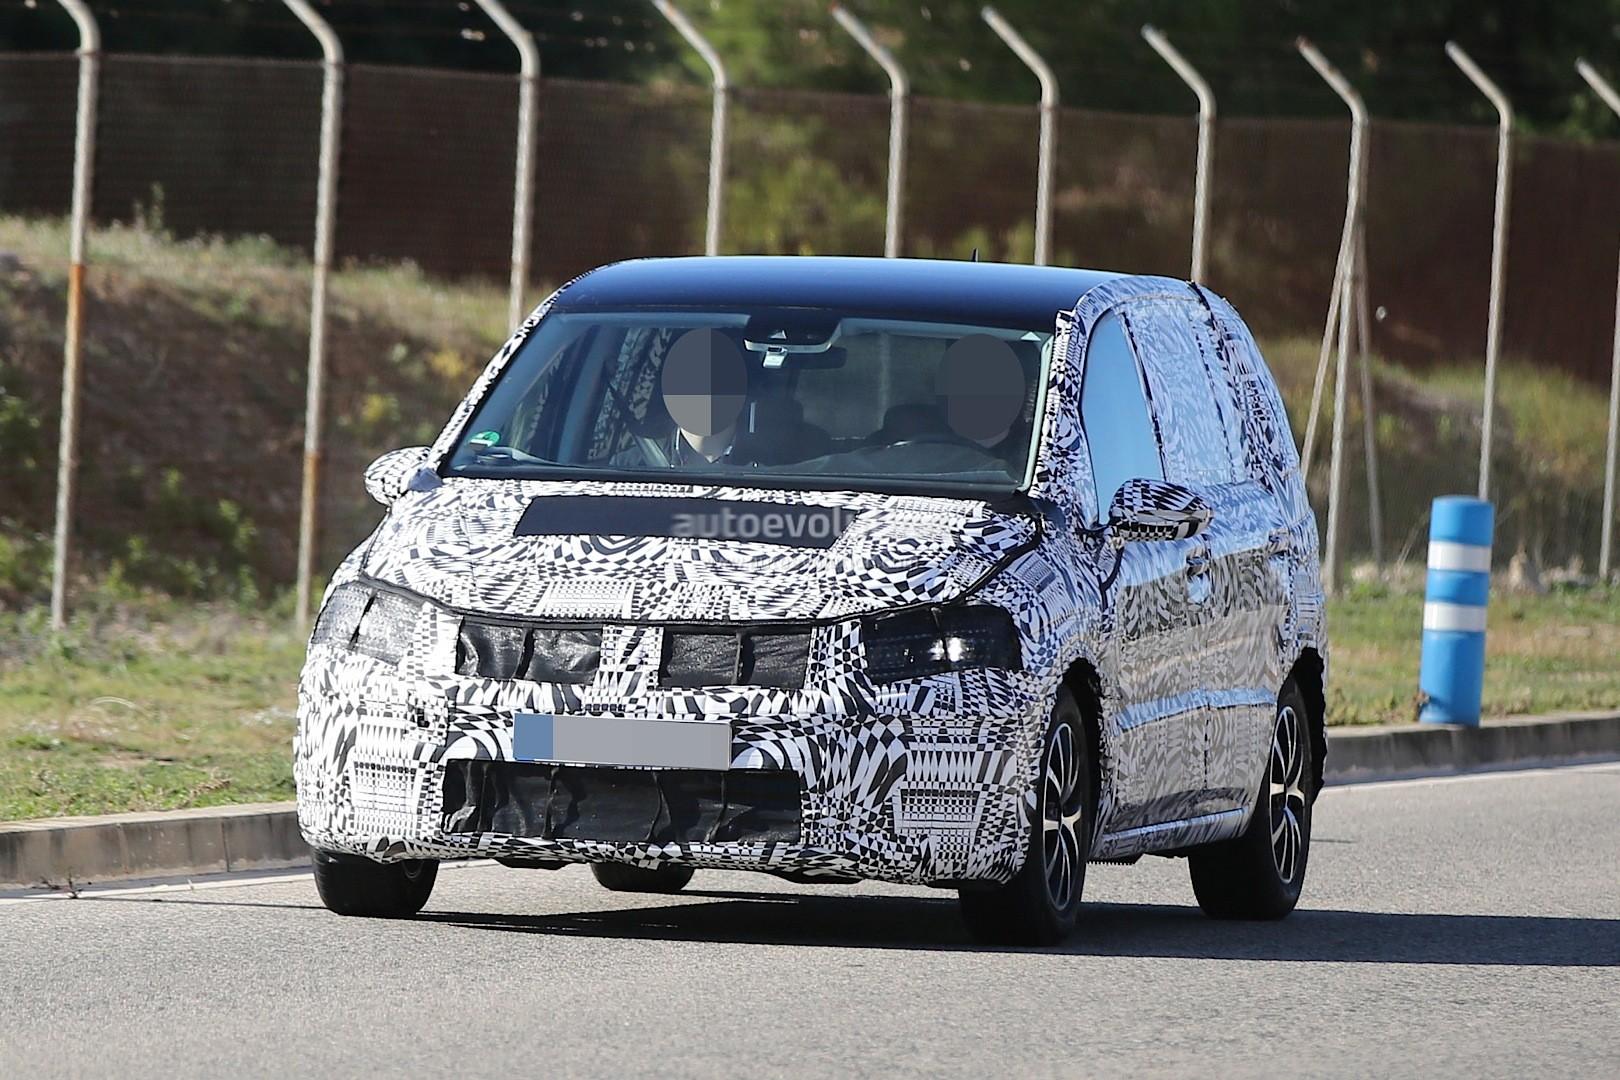 2015 - [Volkswagen] Touran - Page 3 Spyshots-new-volkswagen-touran-seen-testing-in-souther-europe_7